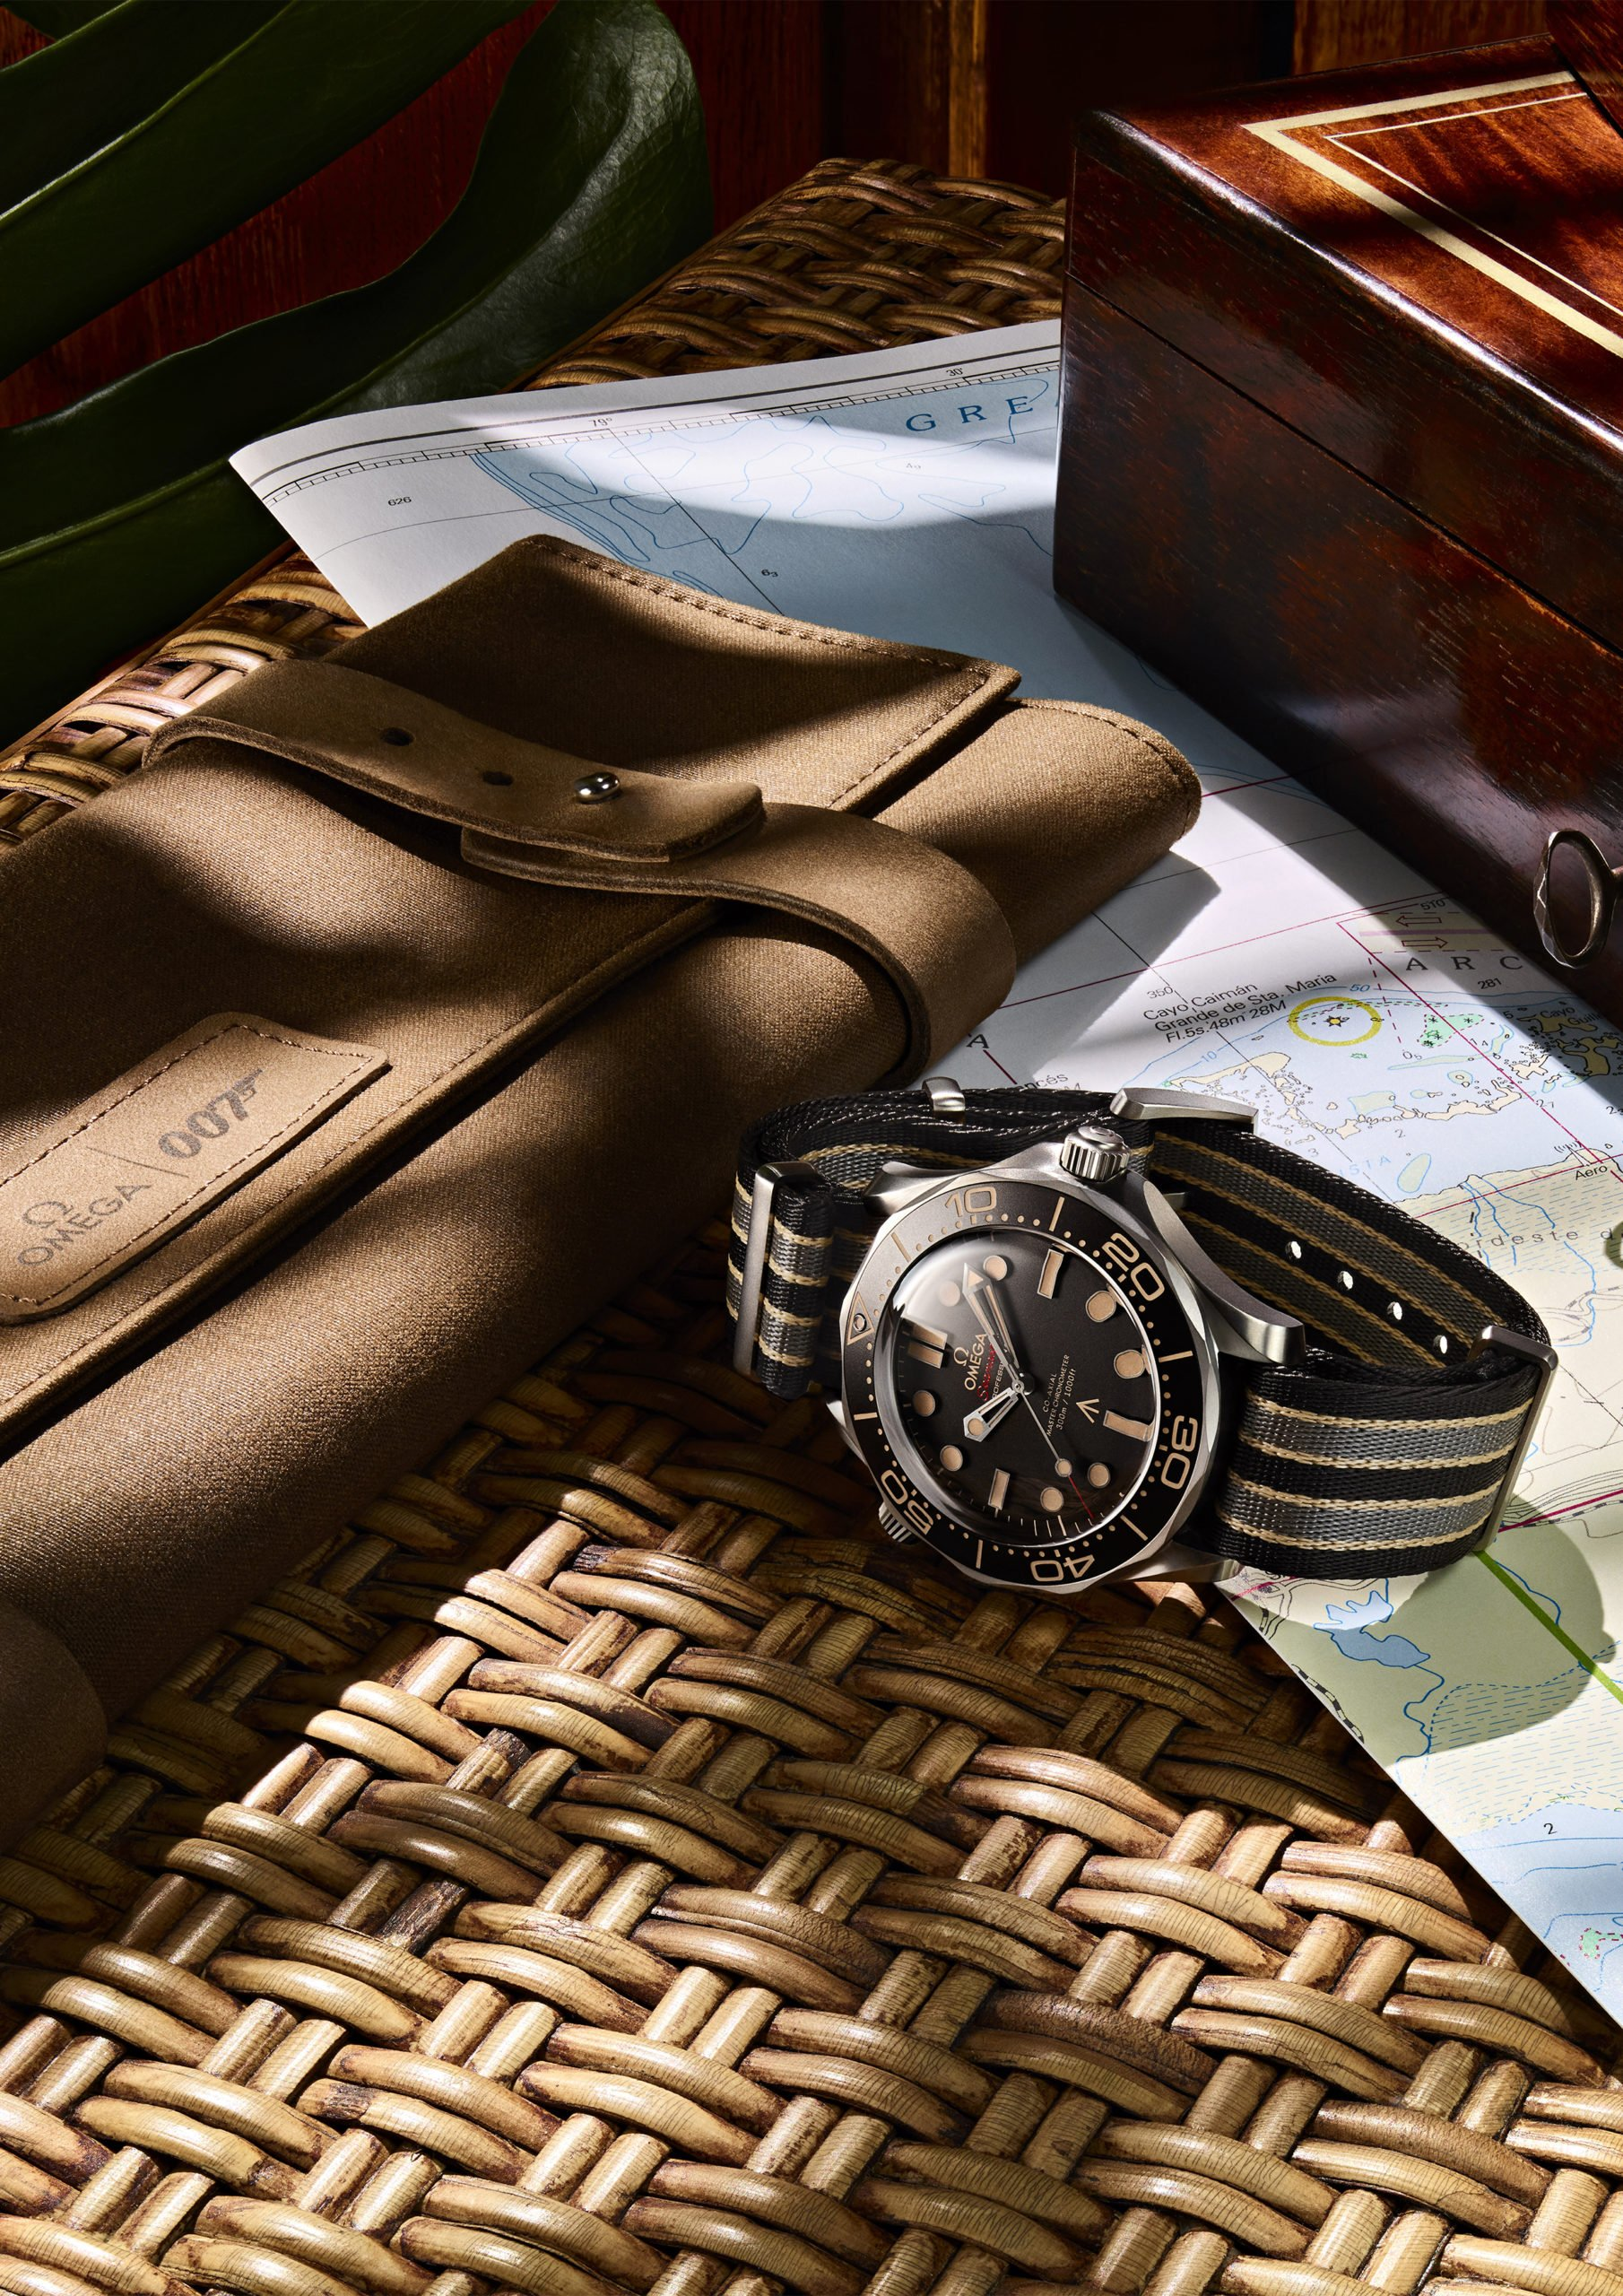 Omega-Seamaster-007-James-Bond-Keine-Zeit-zu-sterben-Uhr